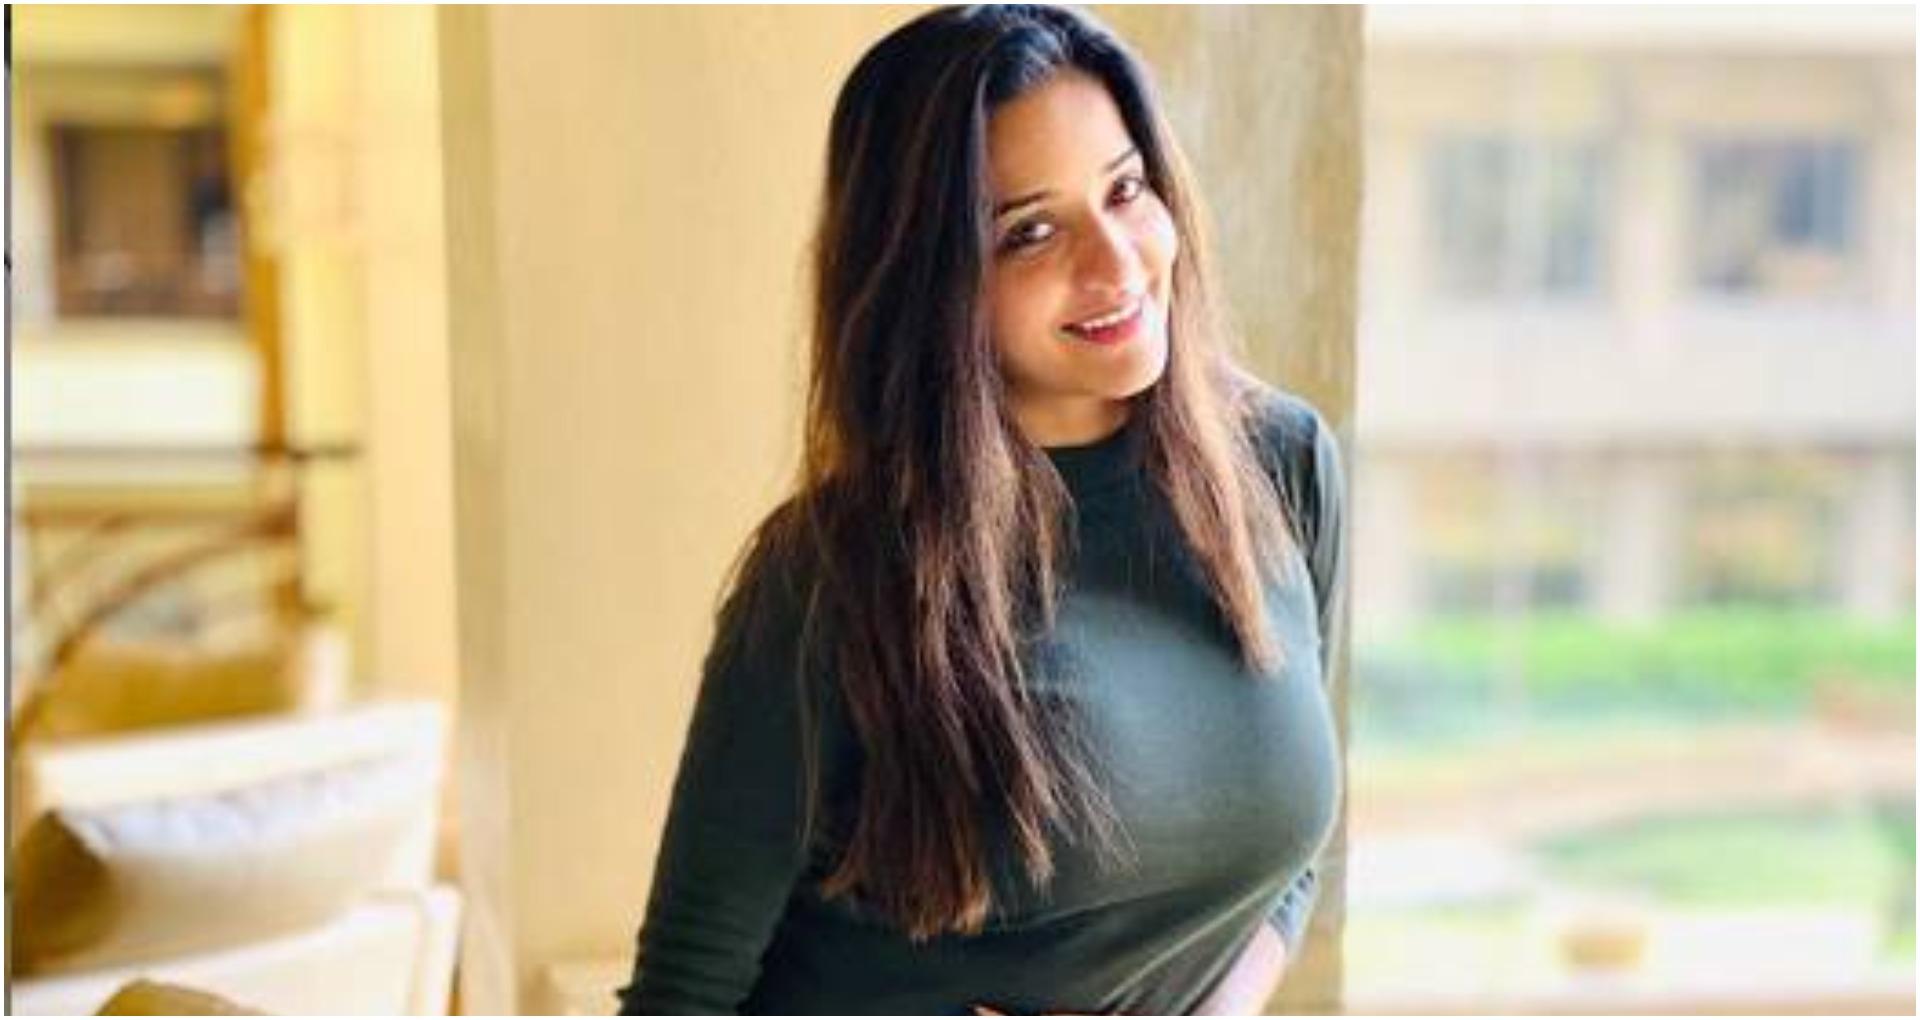 भोजपुरी अभिनेत्री मोनालिसा ने शेयर की नई तस्वीर, लोग उनकी अदाओं पर हो गए फ़िदा, तस्वीर हुई वायरल